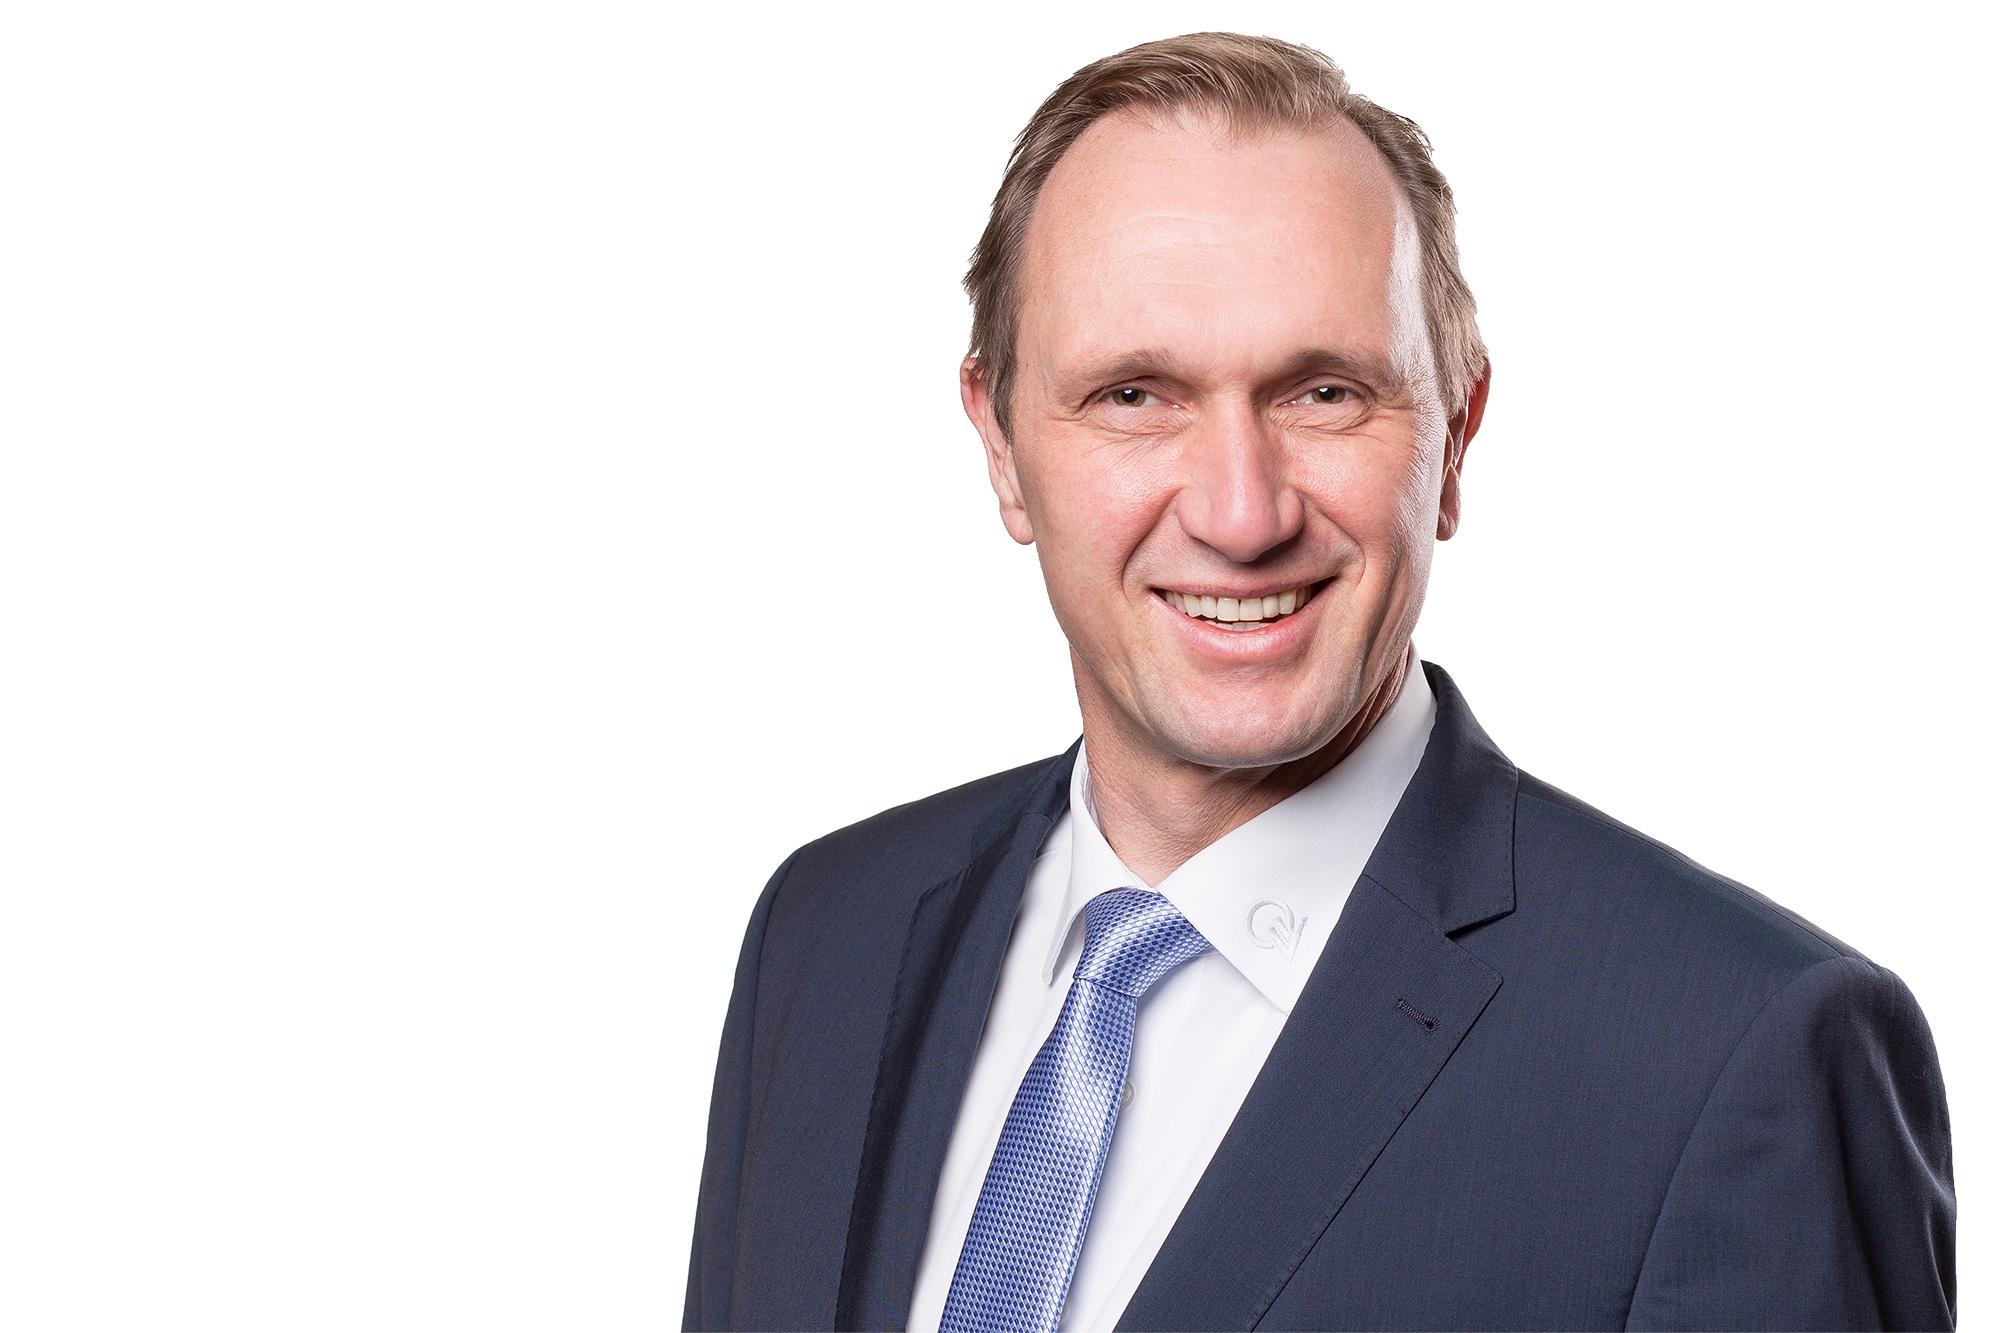 """Ostangler Brandgilde fördert Klimaschutz und launcht neuen Tarif """"Green Fair Play Plus"""""""